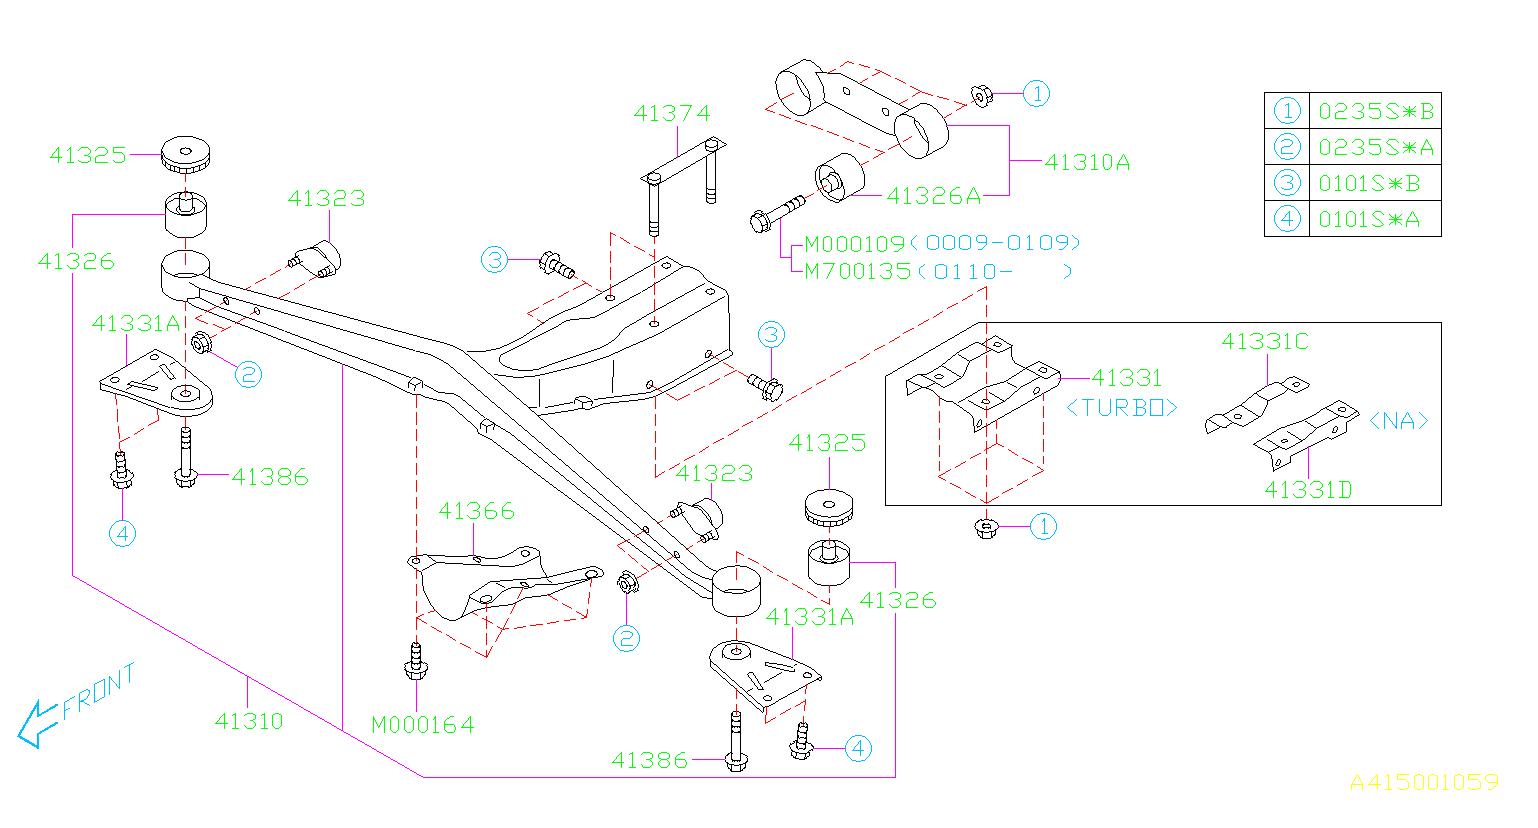 901000109 - Flange Bolt  Suspension  Rear  Link